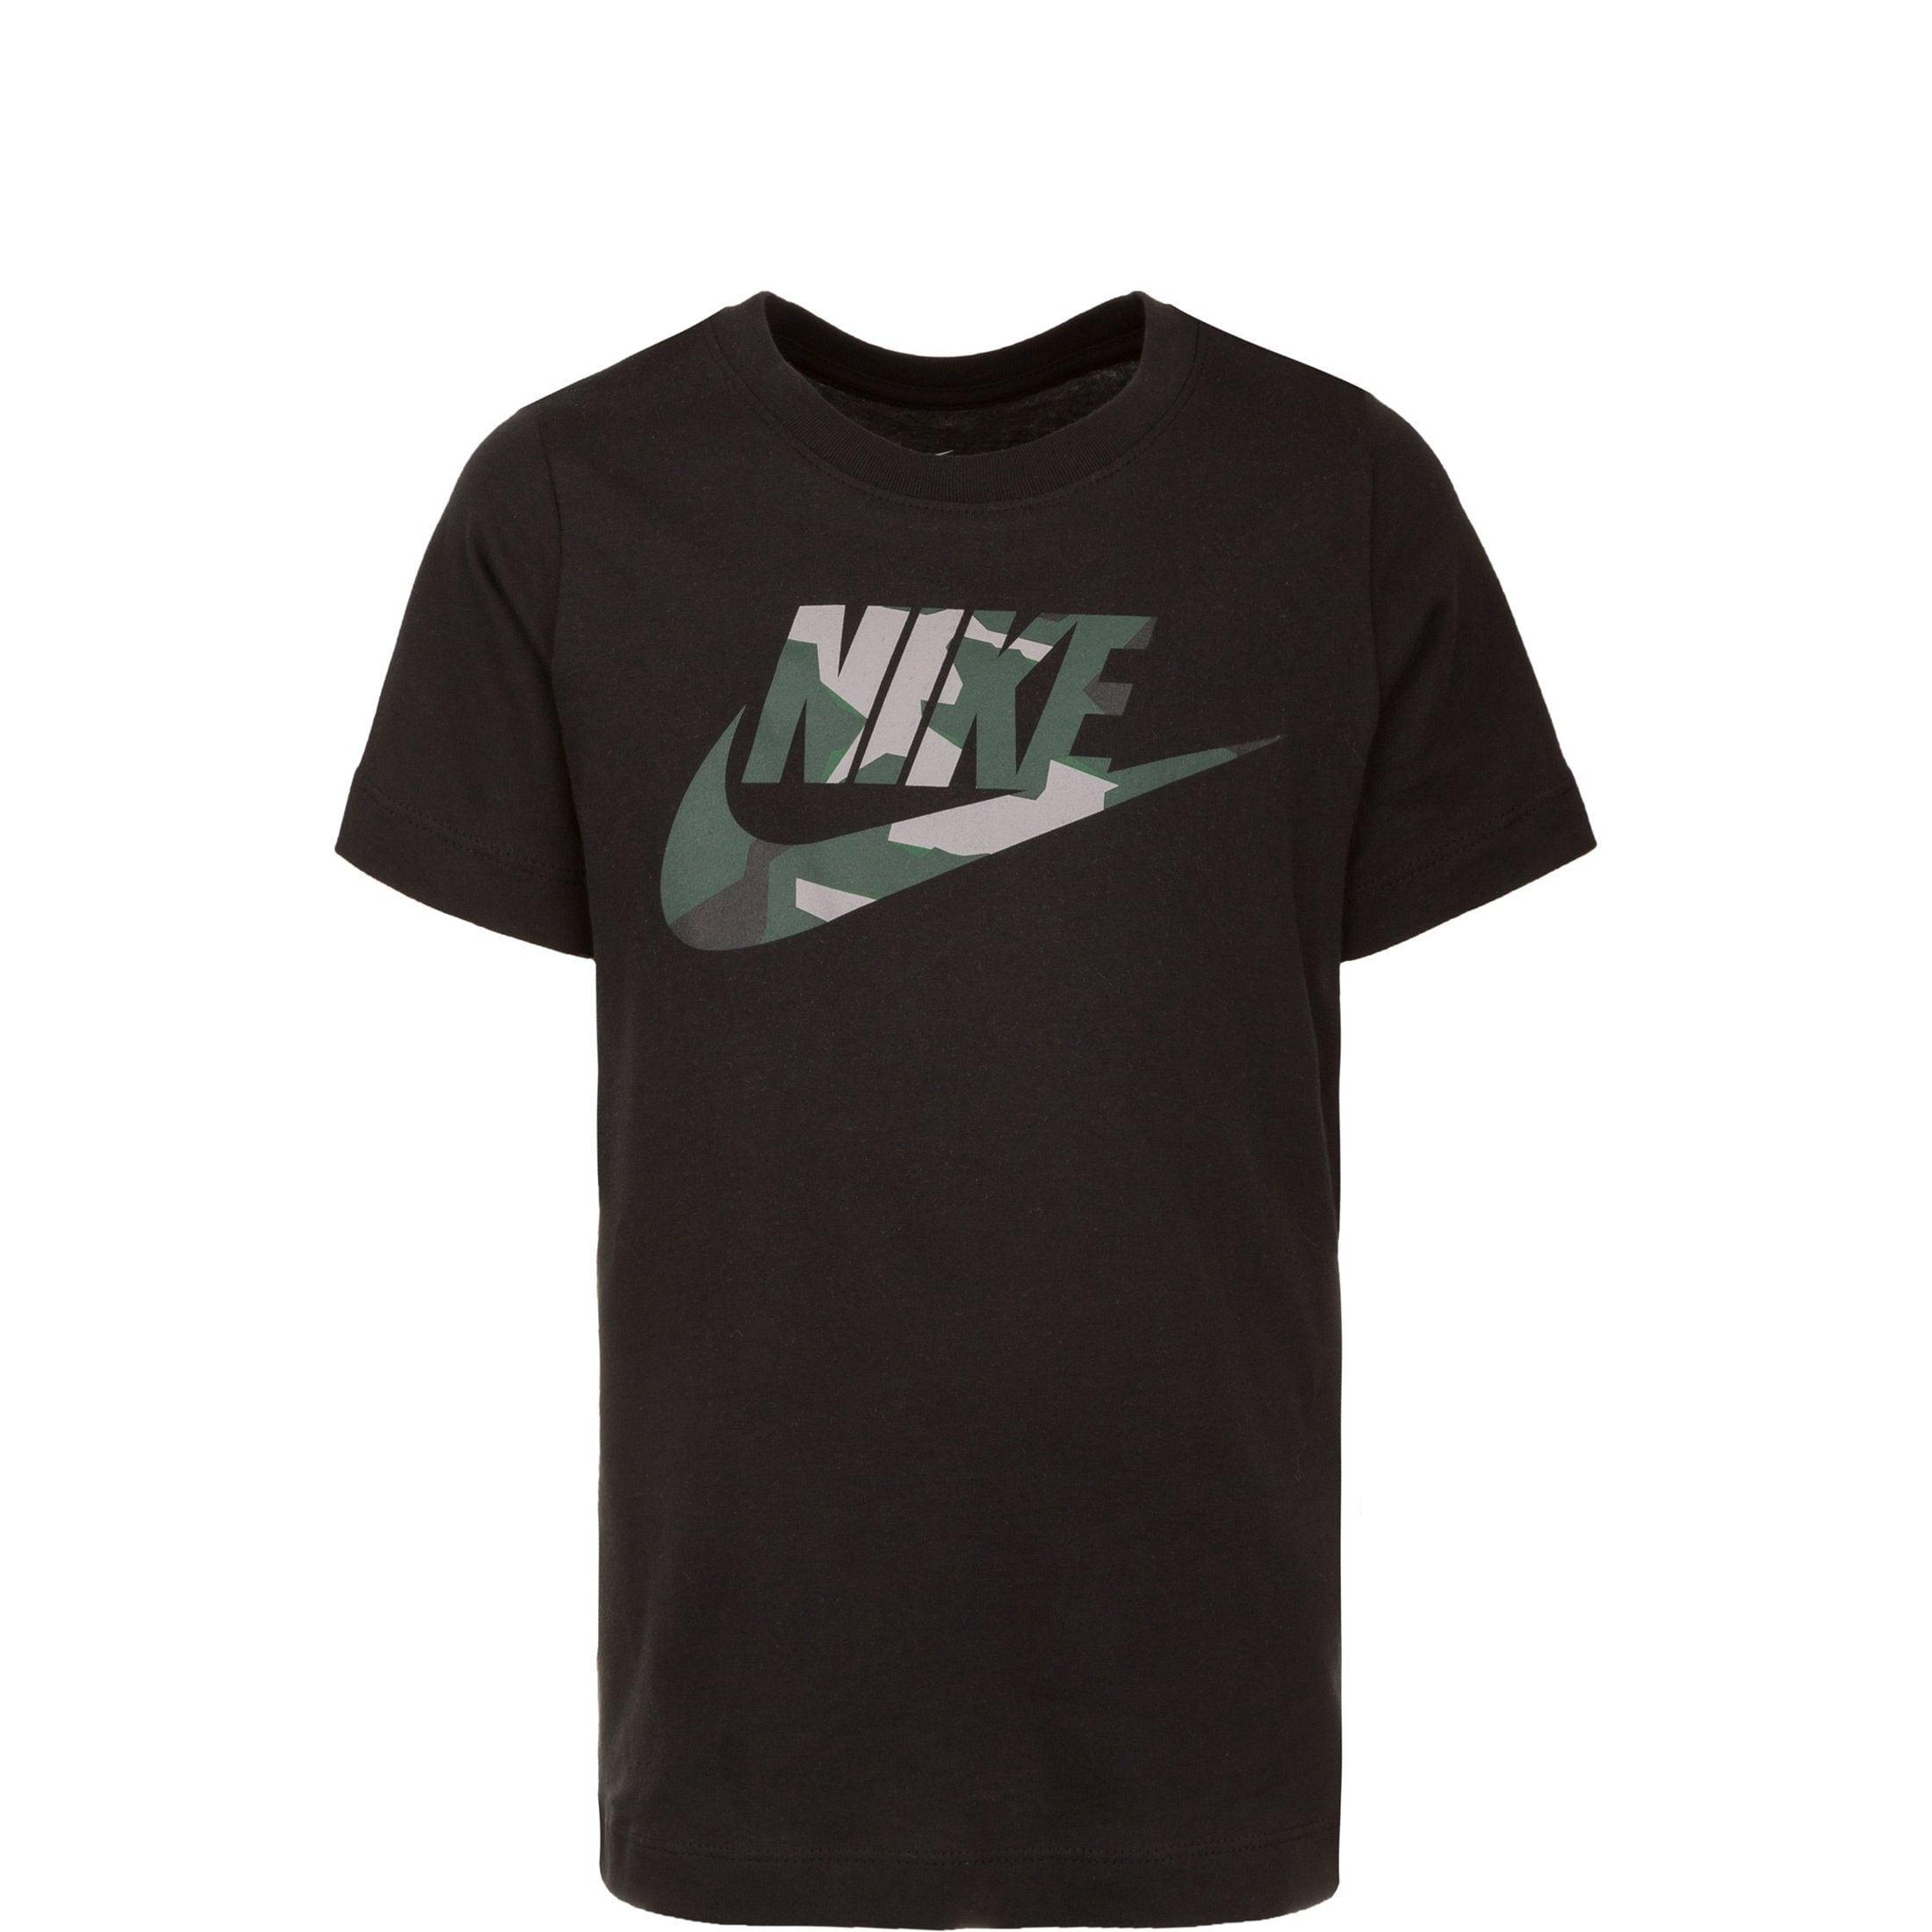 Nike Sportswear T Shirt »Camo Fill« bestellen | BAUR